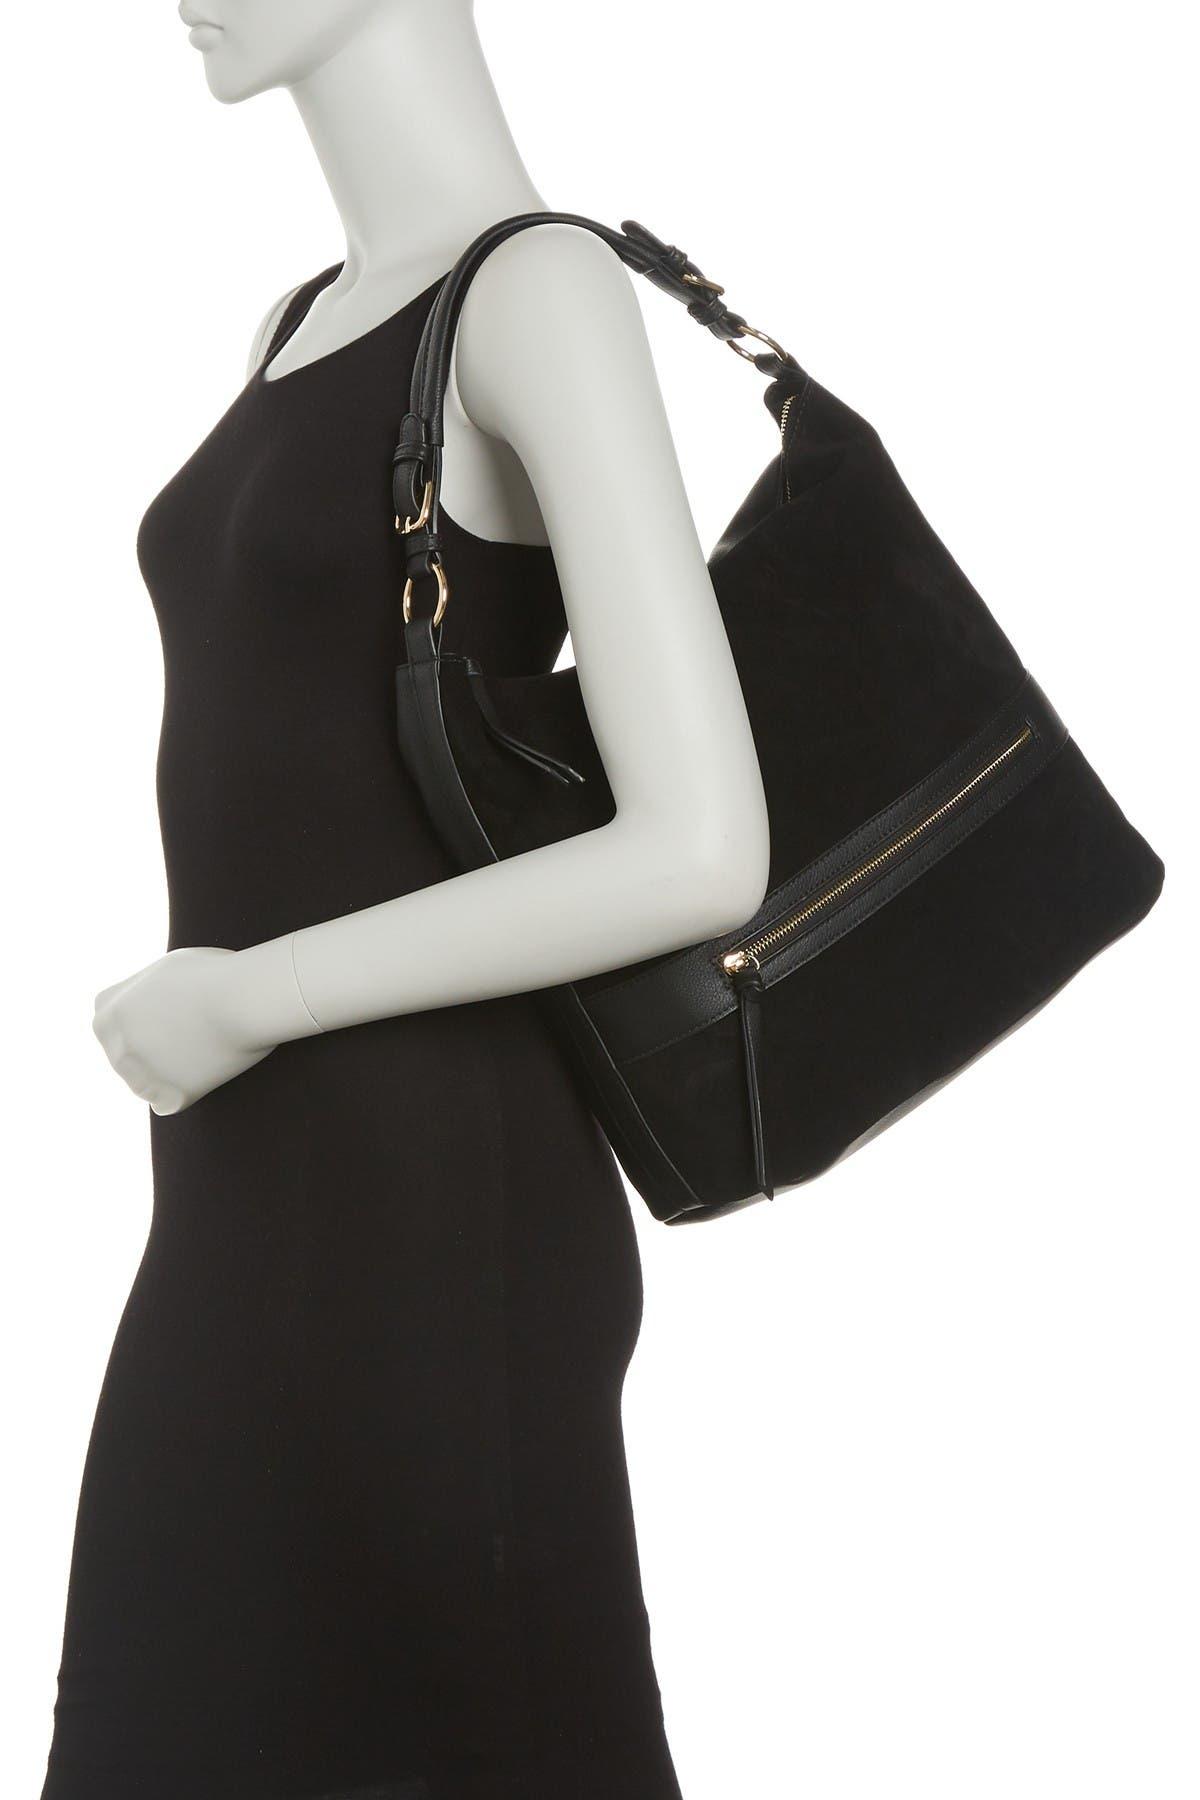 Image of Moda Luxe Isabella Hobo Bag